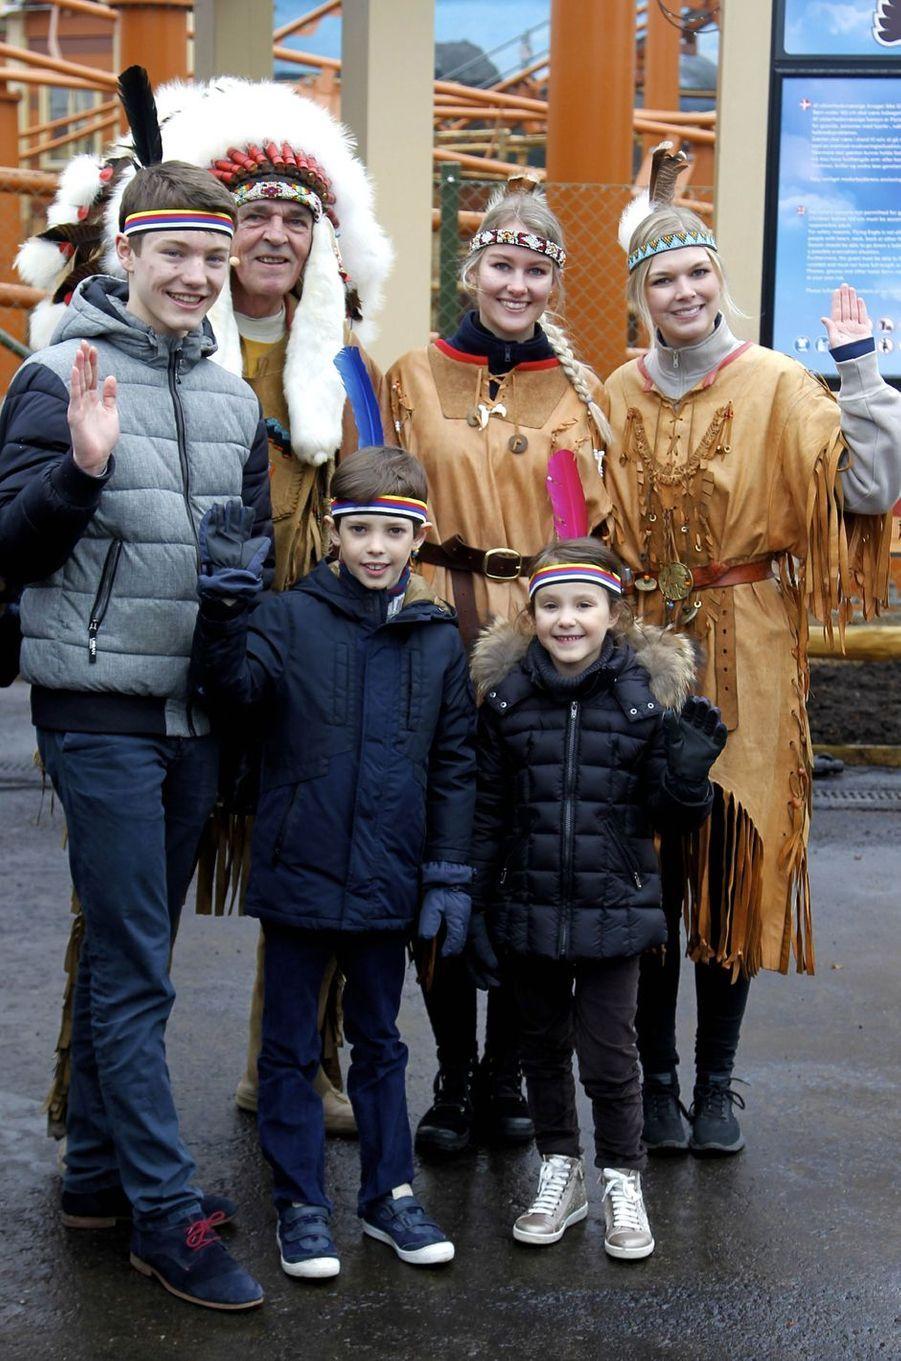 Les princes Felix et Henrik et la princesse Athena de Danemark au Legoland Billund, le 24 mars 2018